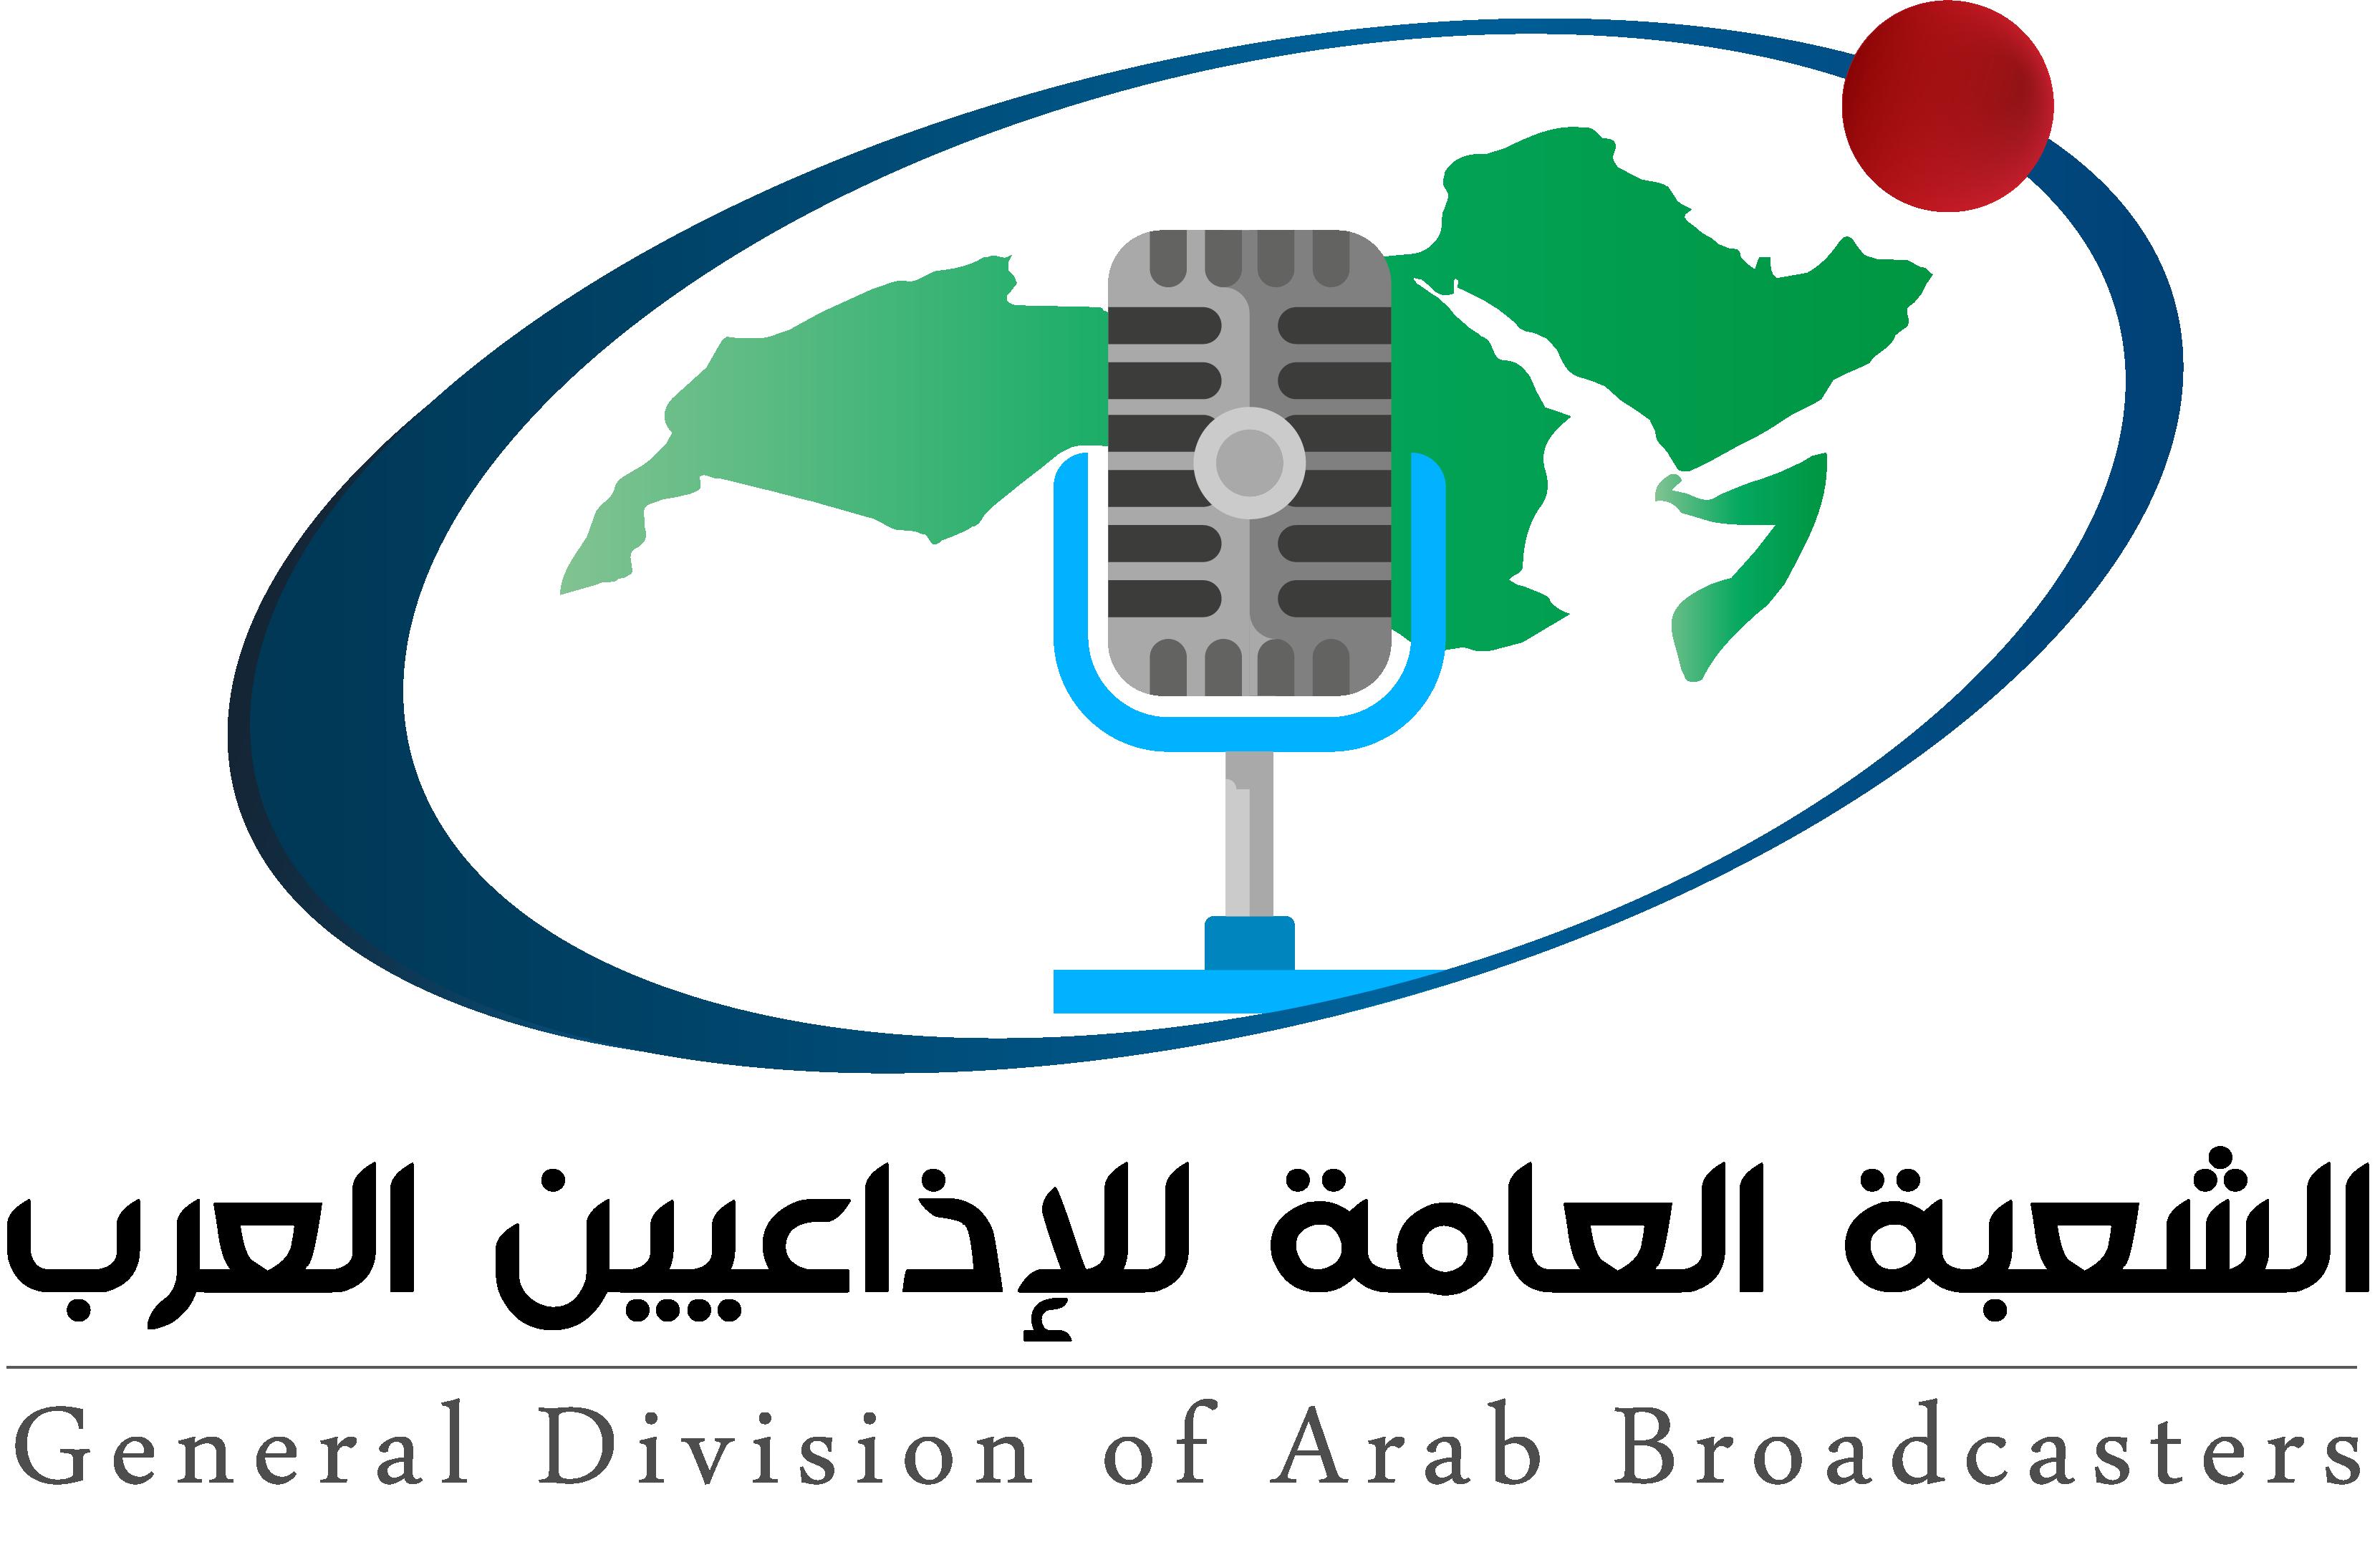 تشكيل الهيكل التنظيمي للمهرجان العربي لفنون الطفل بالمغرب